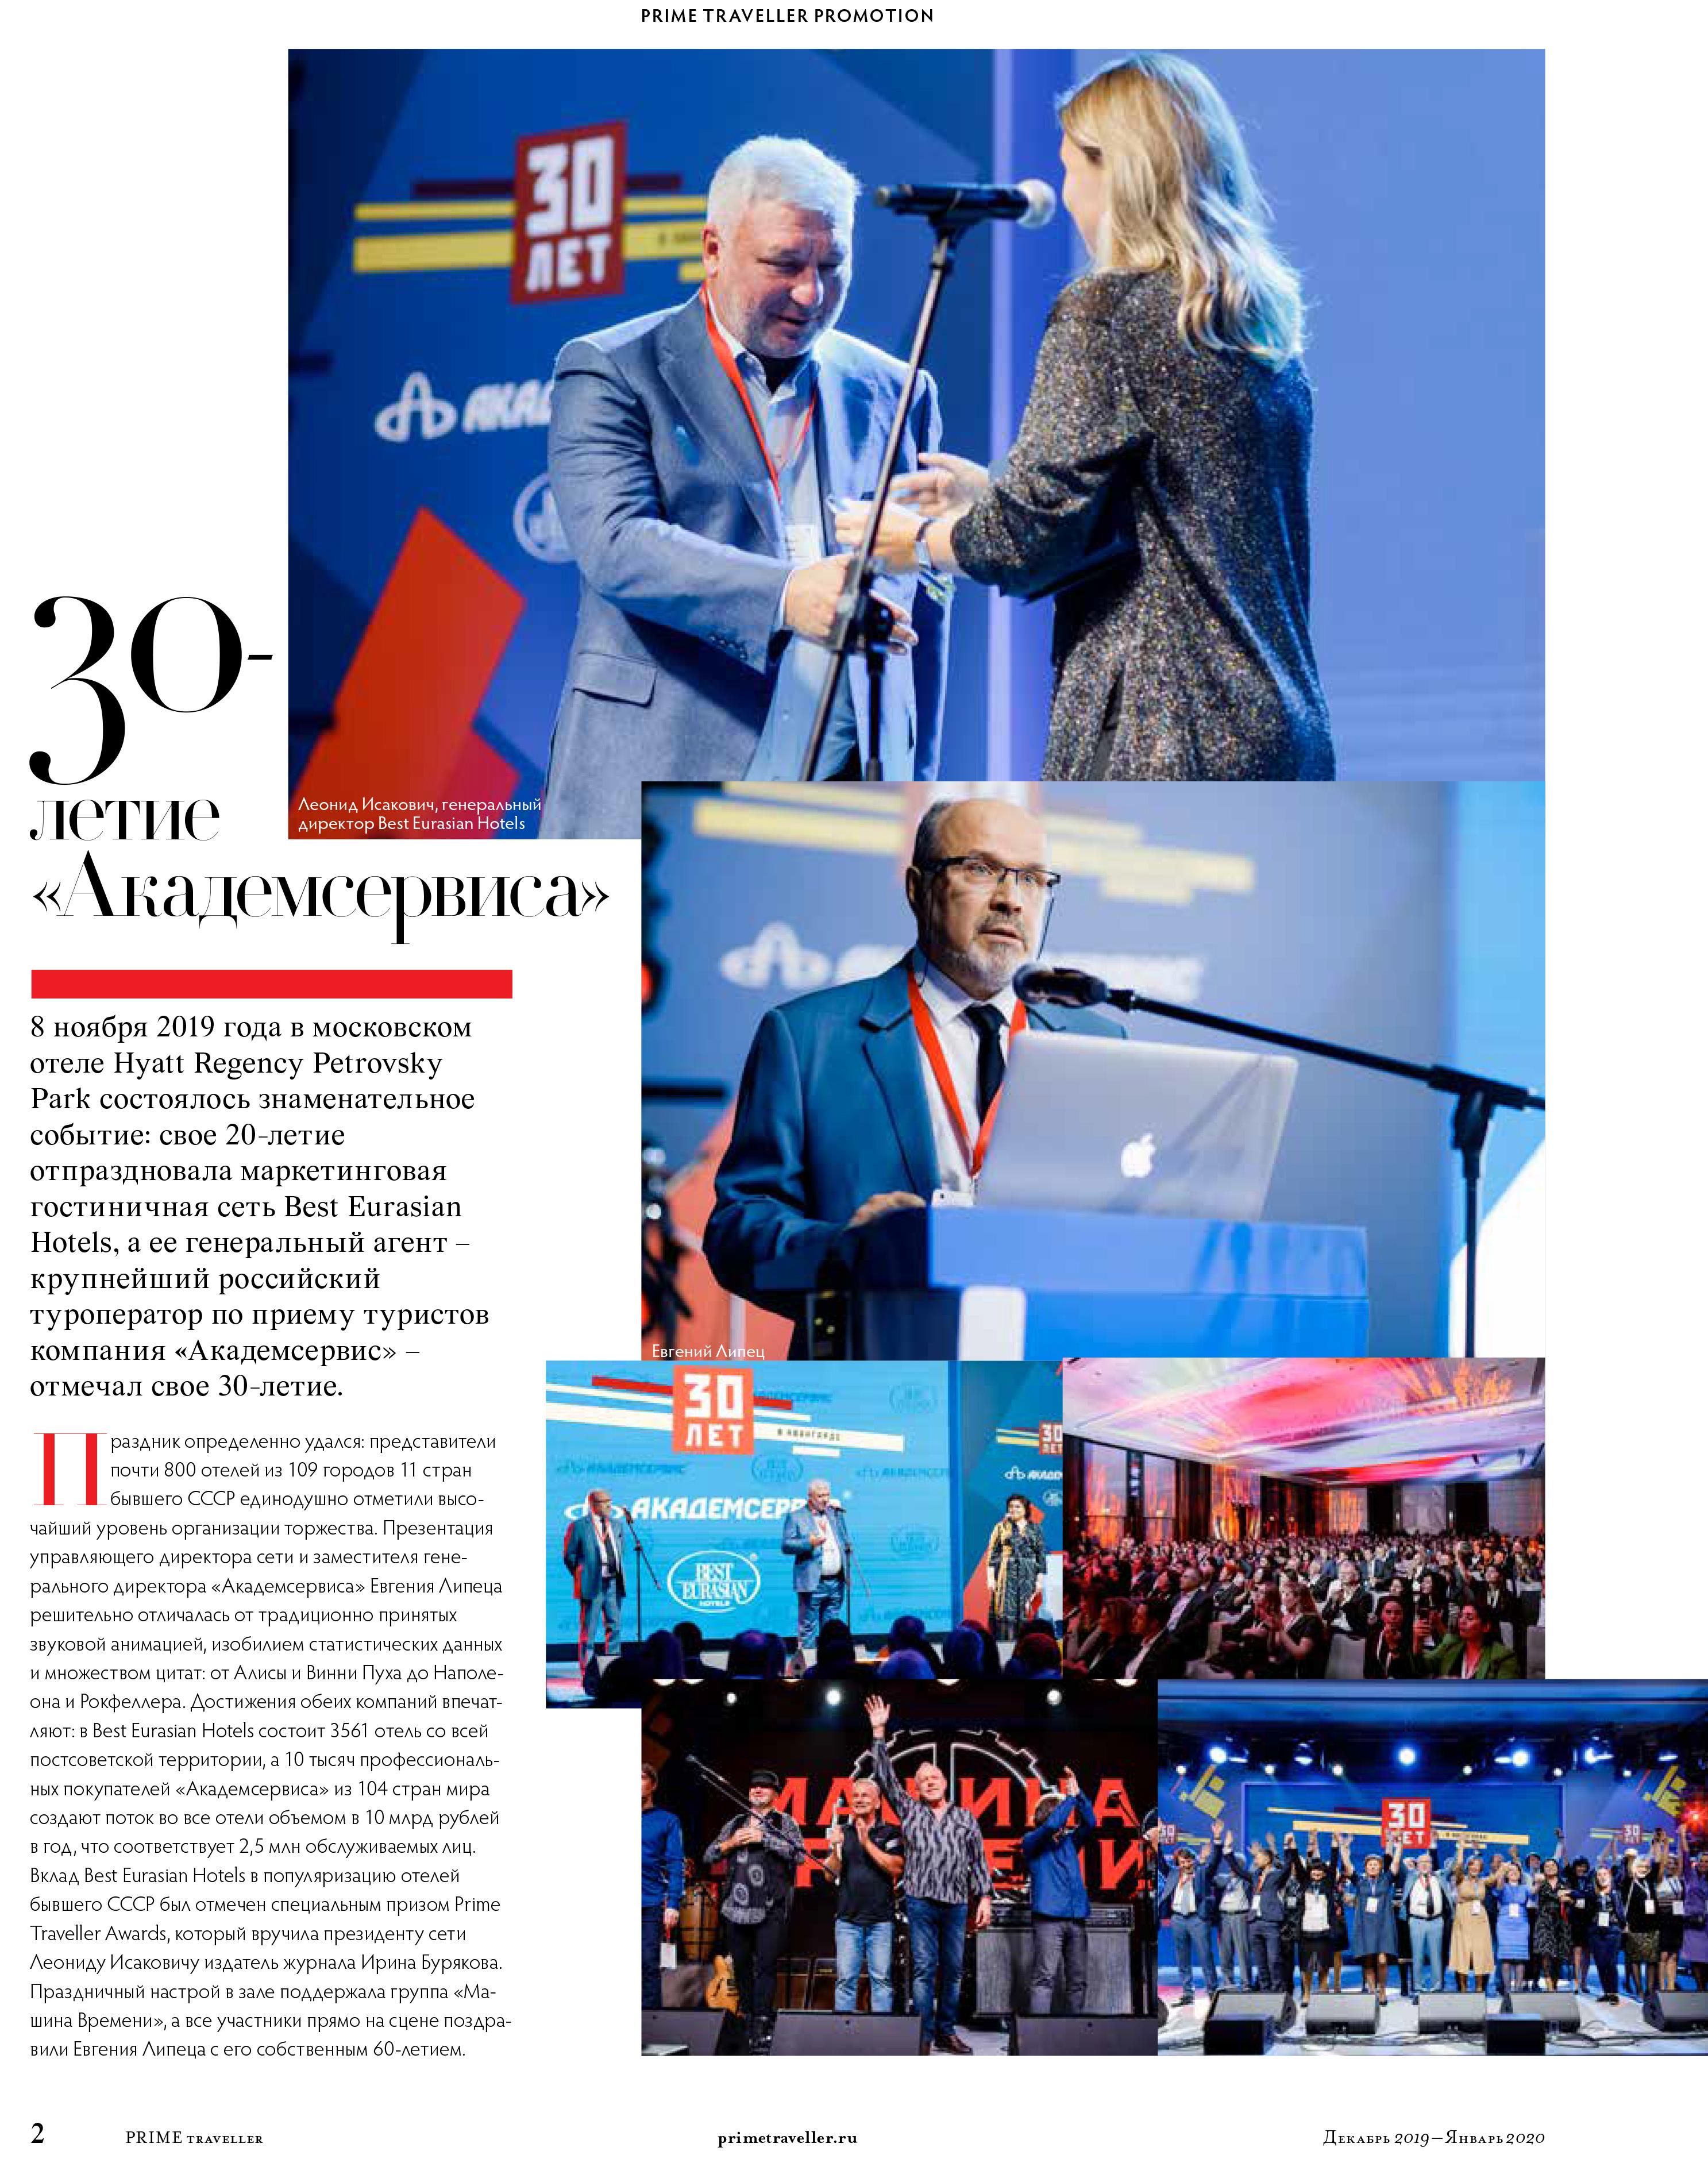 Журнал Prime traveller № декабрь 2019 - январь 2020